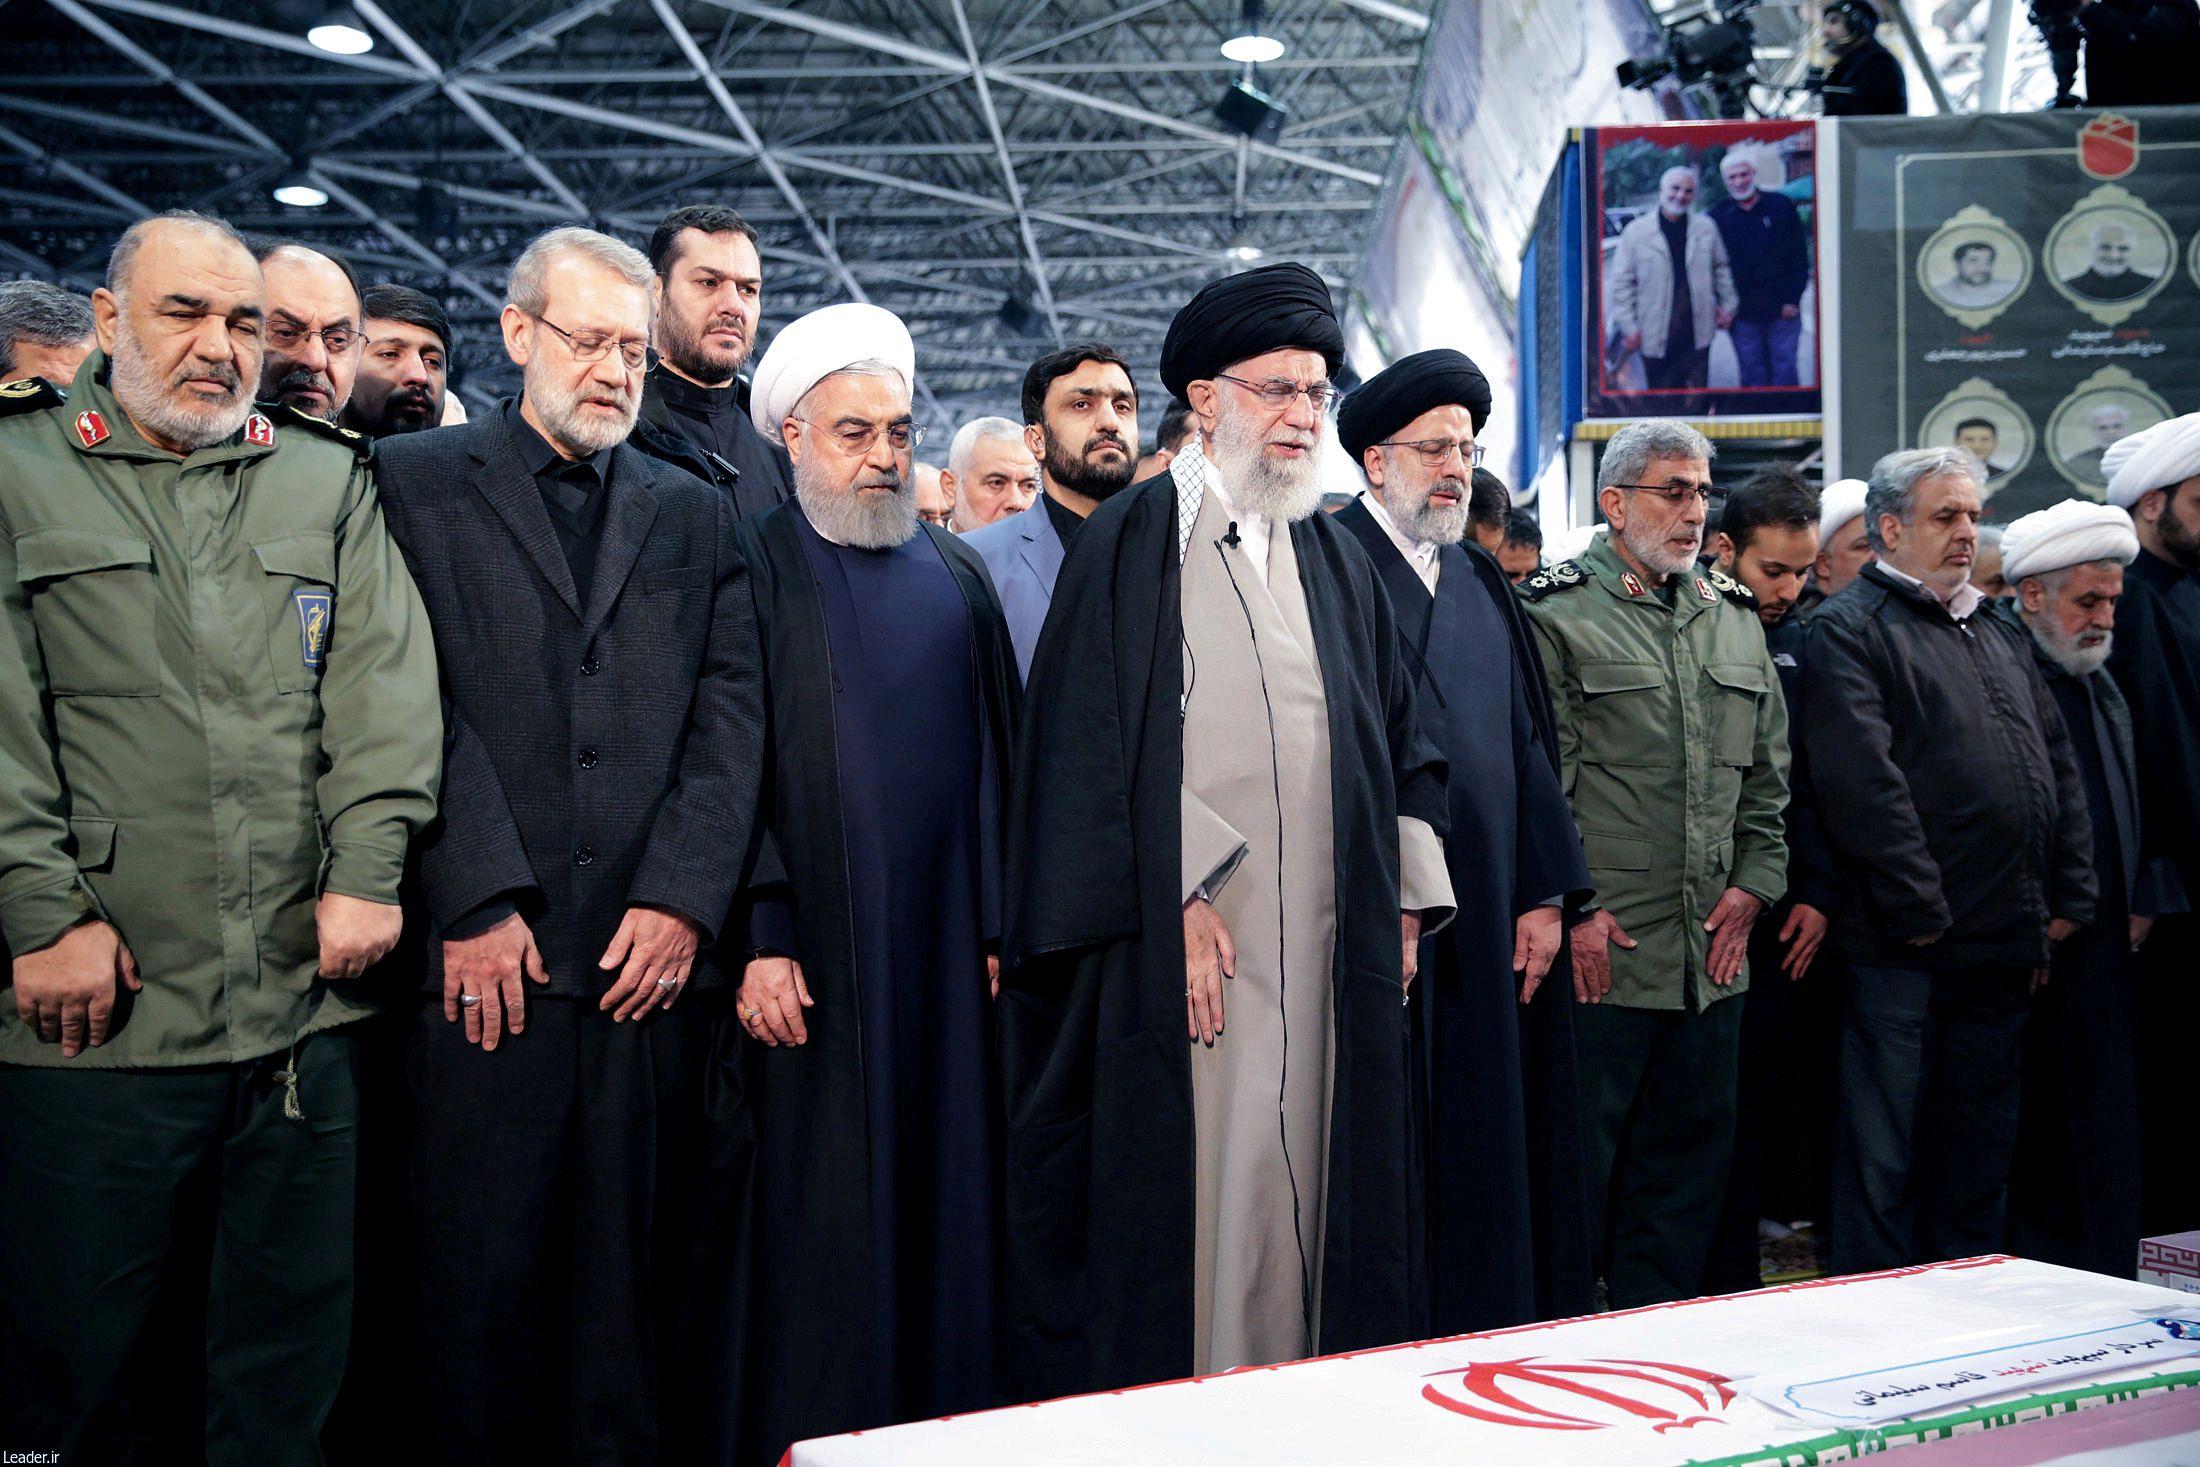 Rohani junto al líder supremo de Irán, ayatolá Ali Khamenei, frente al ataúd que contiene los restos del general Qassem Soleimani (Reuters)